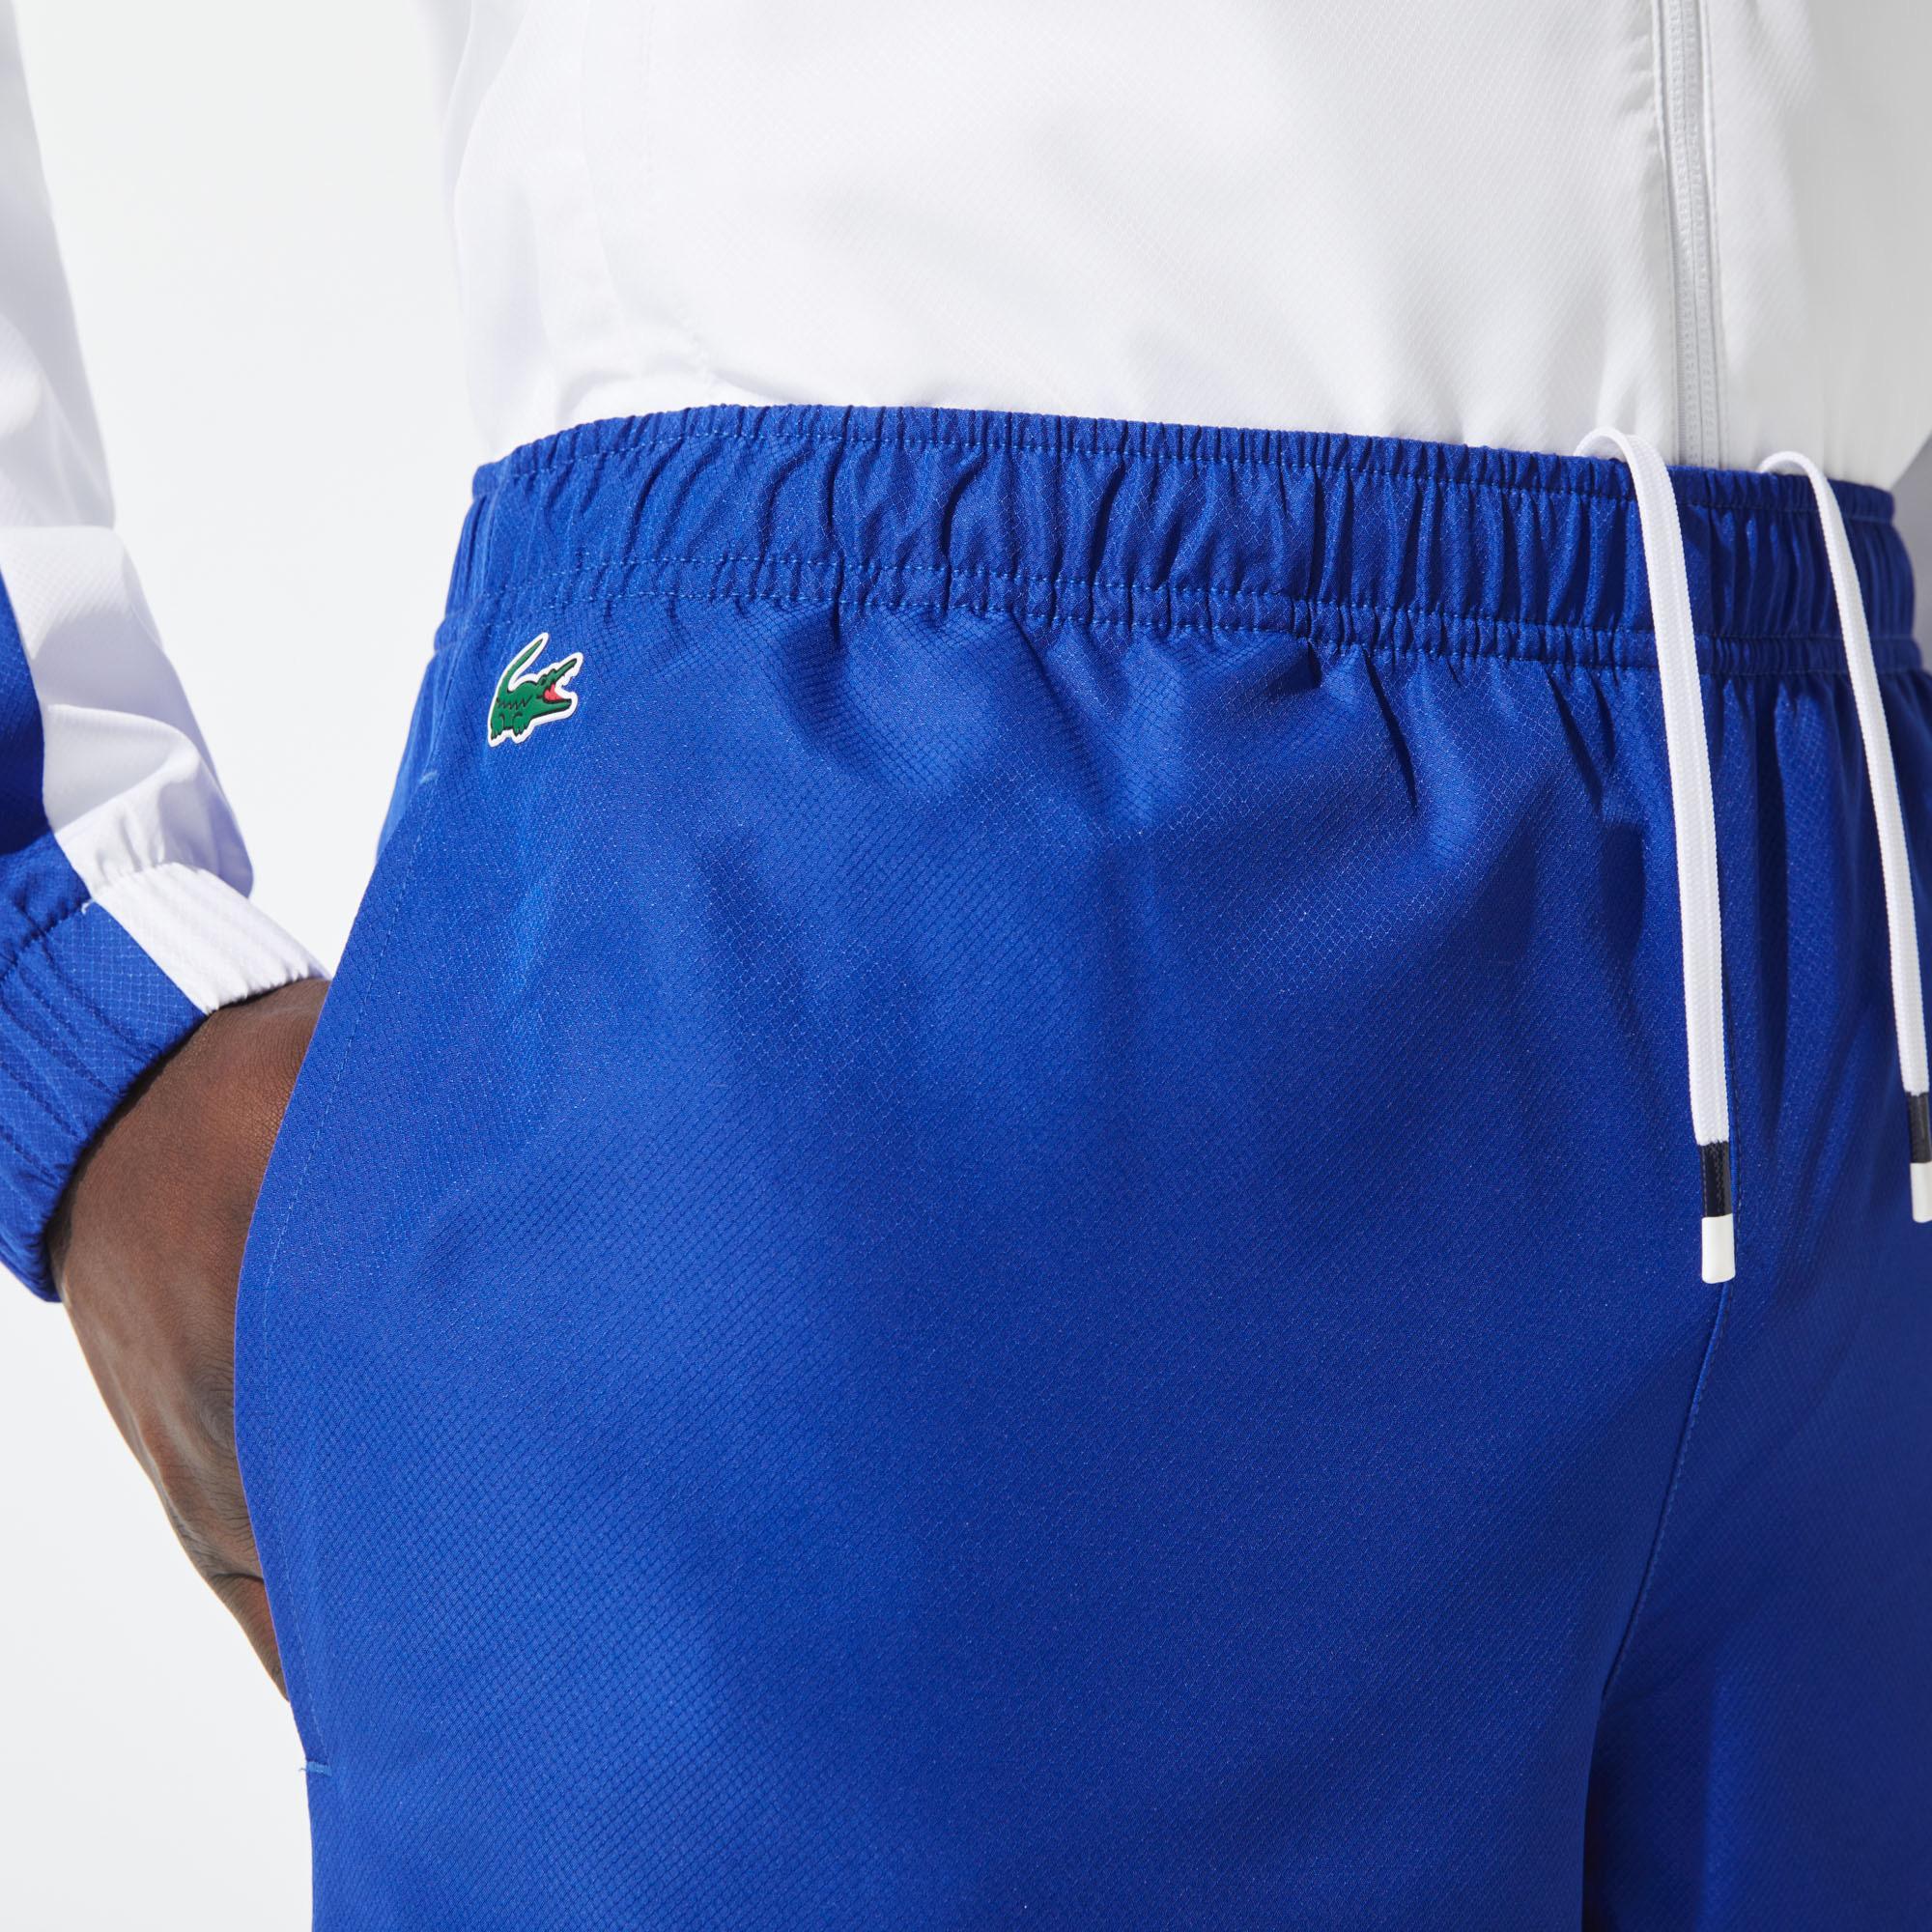 Lacoste Sport Erkek Uzun Kollu Fermuarlı Renk Bloklu Renkli Eşofman Takımı